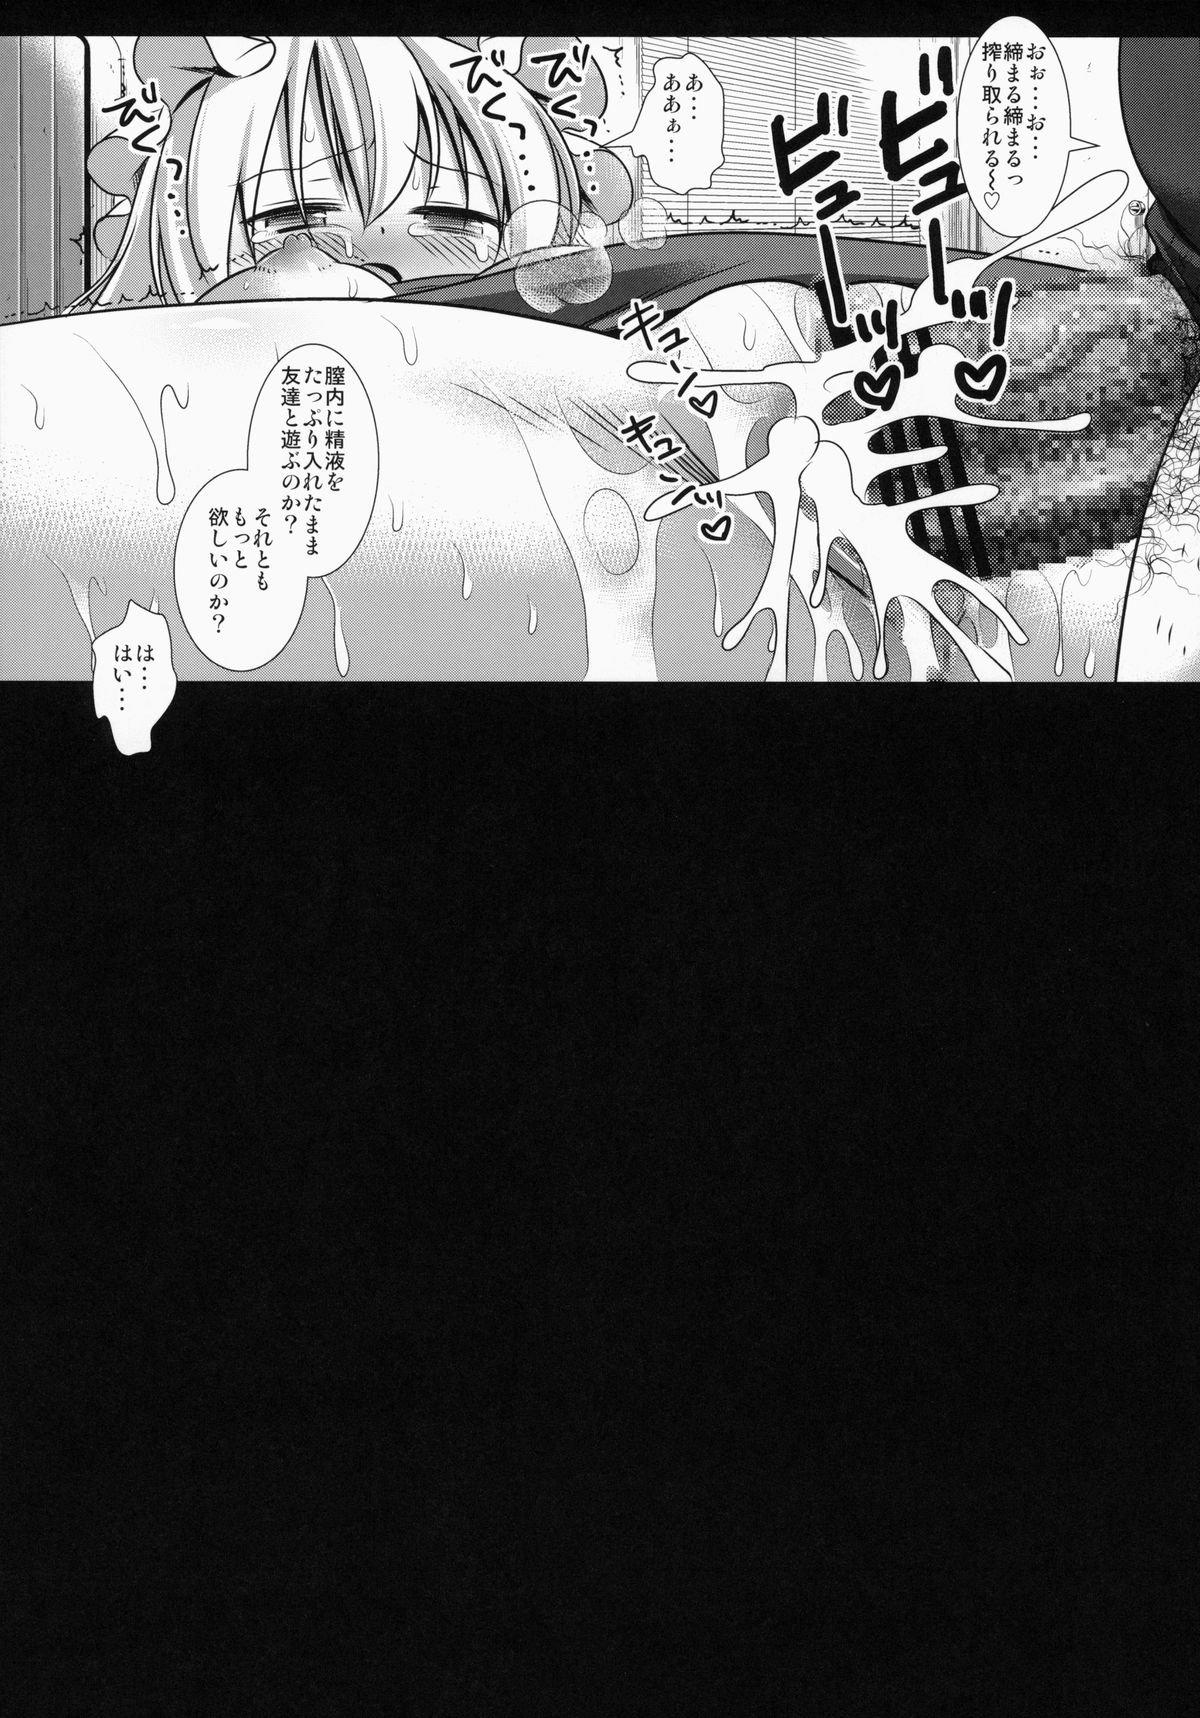 【エロ漫画】痴漢冤罪で駅長にマエリベリー・ハーンがお仕置きスパンキング中出しセックスでヤラれちゃうwwwwww